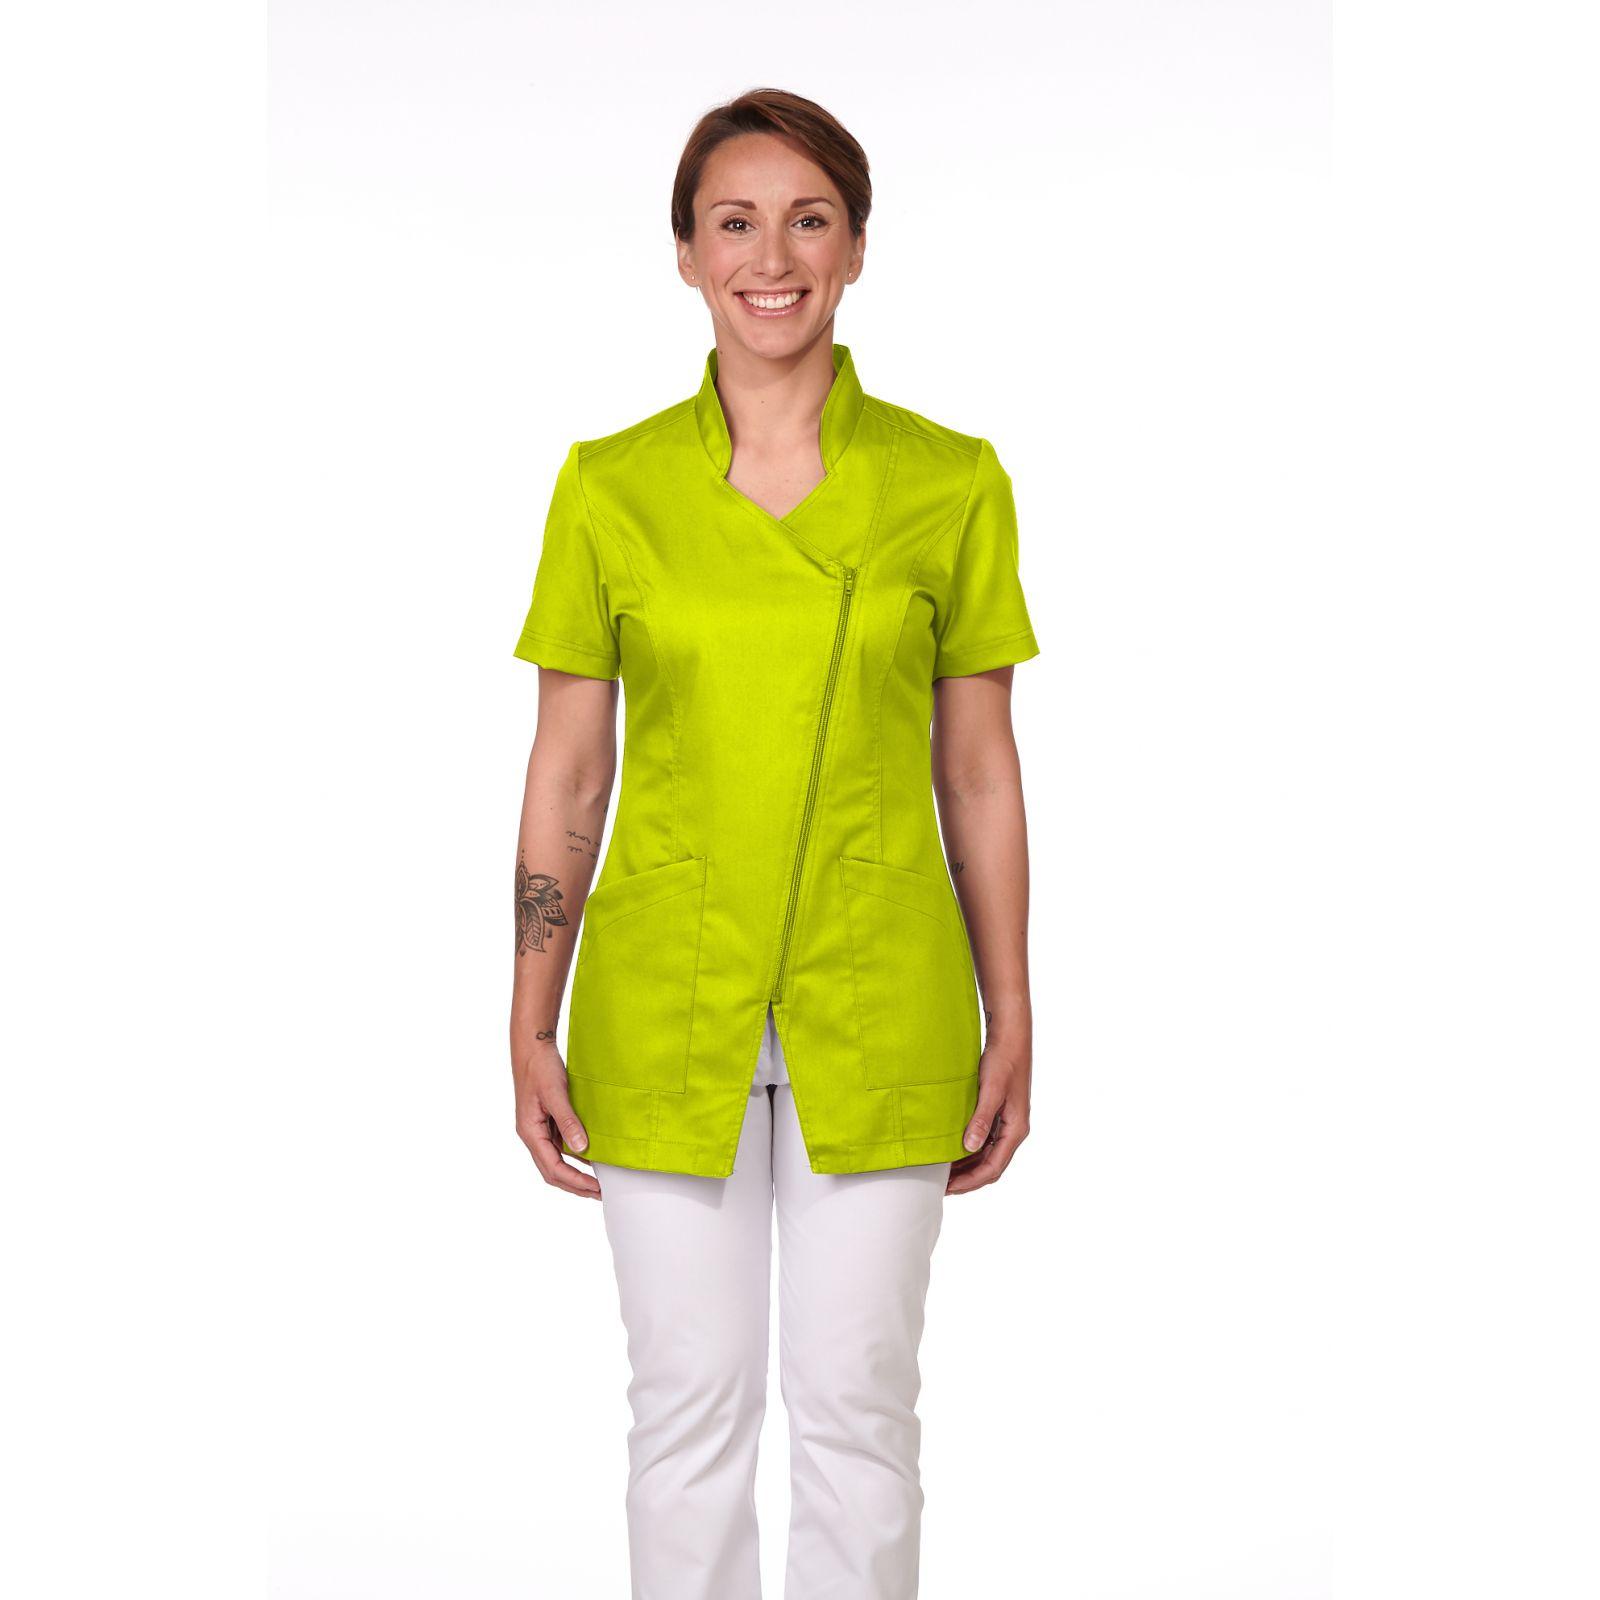 Blouse Médicale Femme, Trendy, couleur Citron Vert, vue de face, Camille Lavandie (2619)